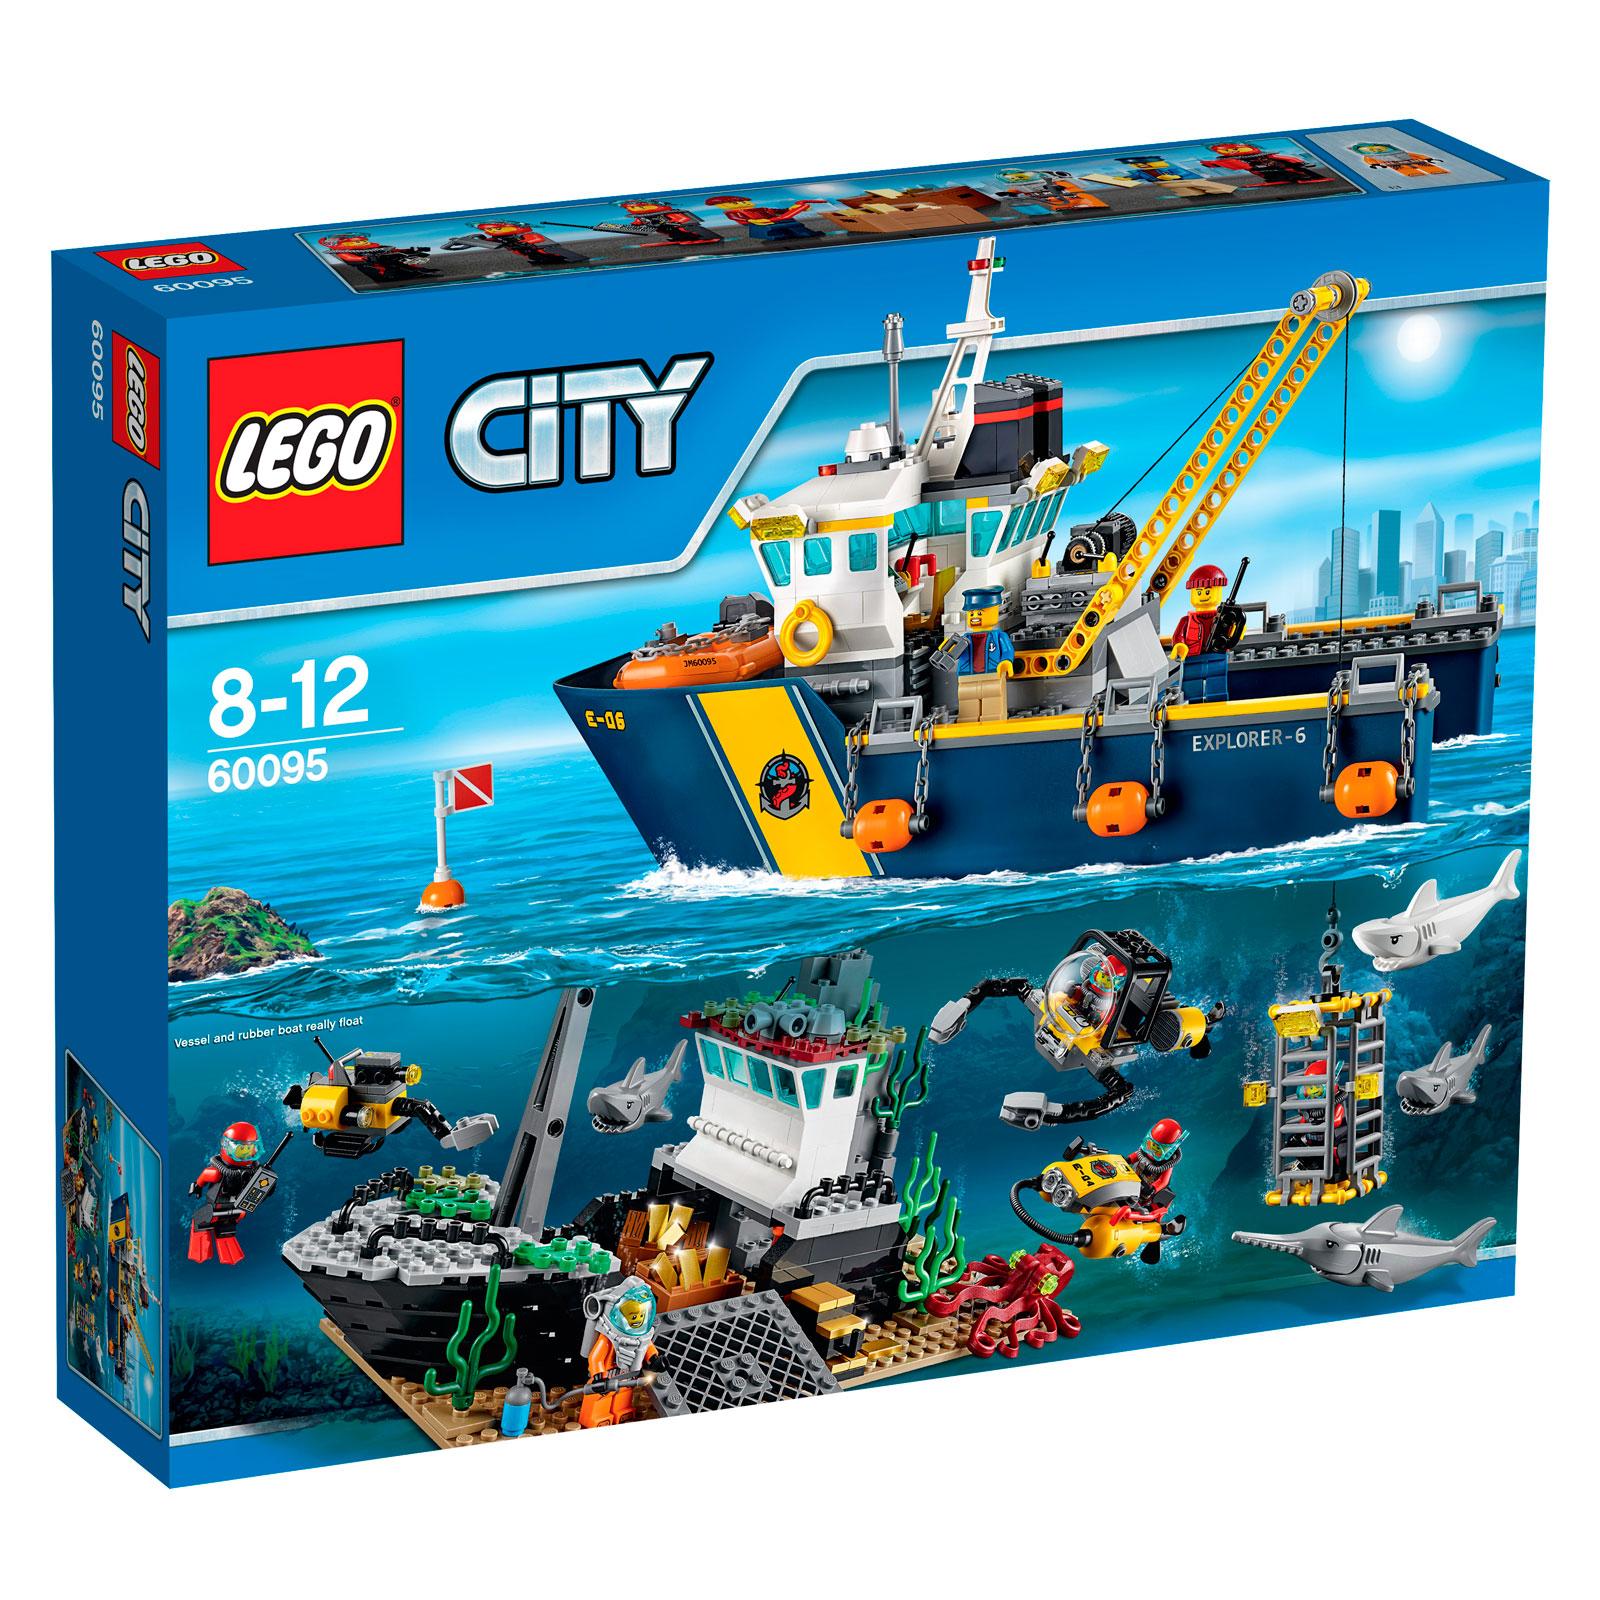 ����������� LEGO City 60095 ������� �������������� ������� ������